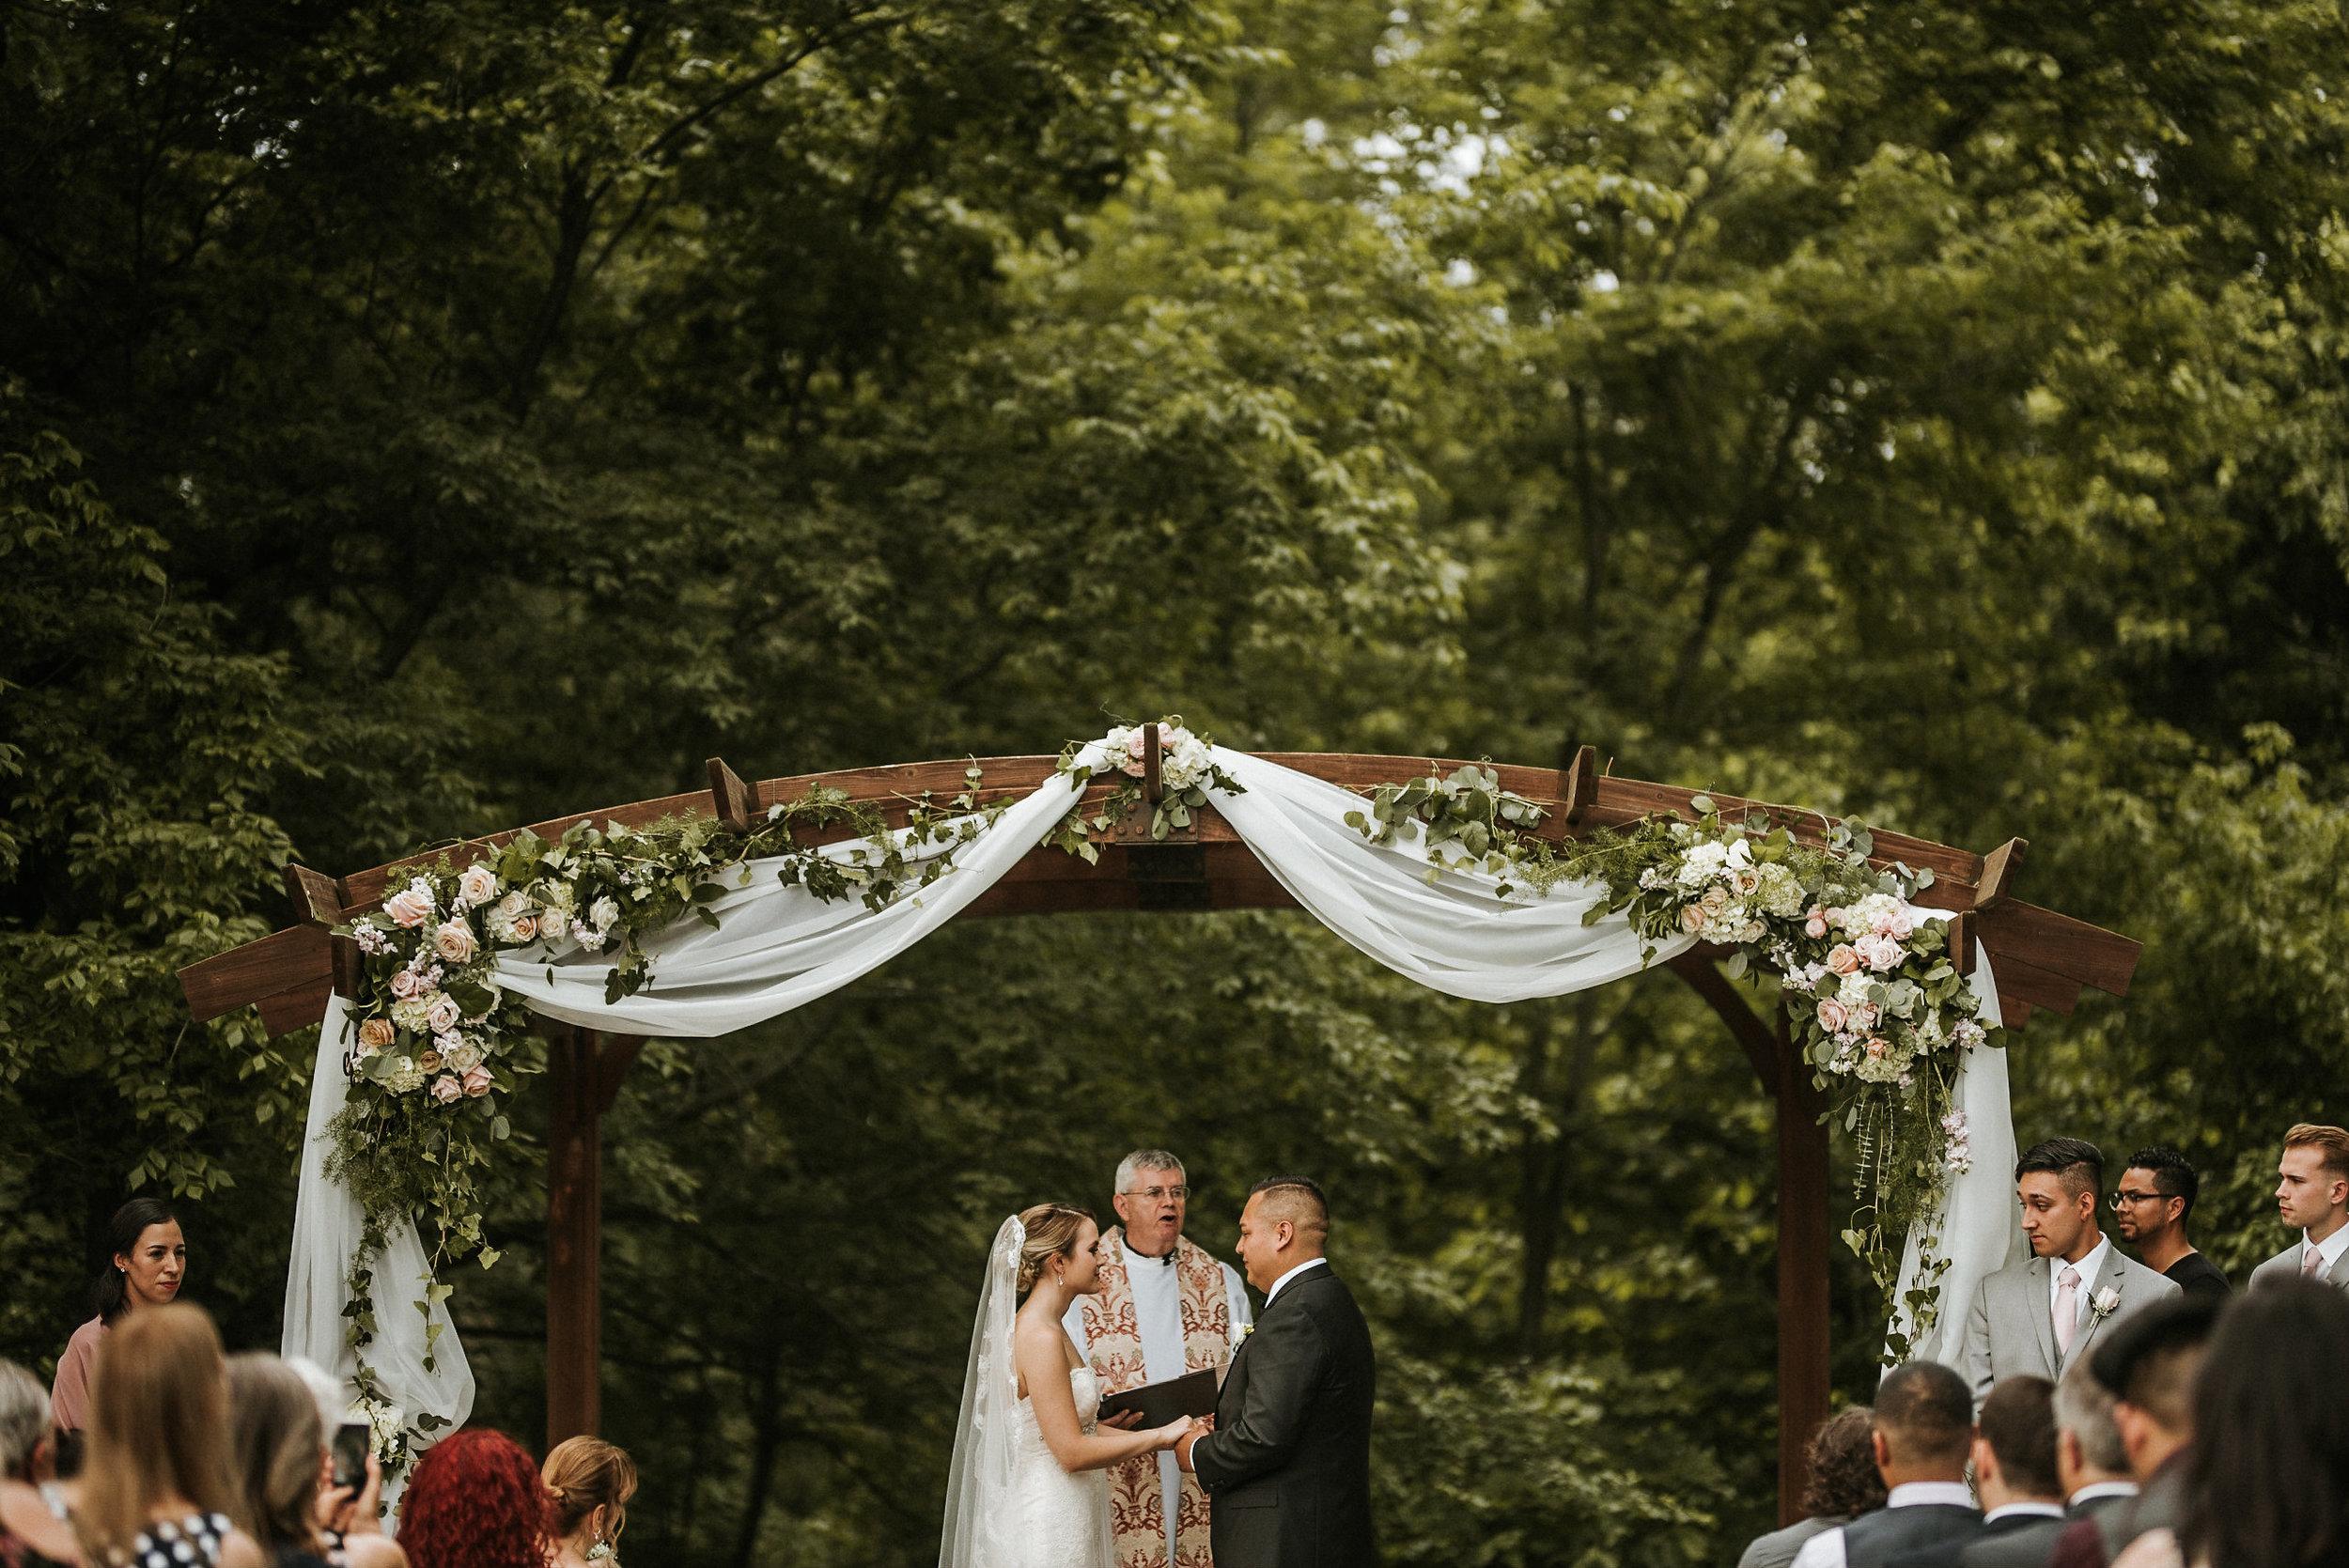 Bride and groom under pergola in woods